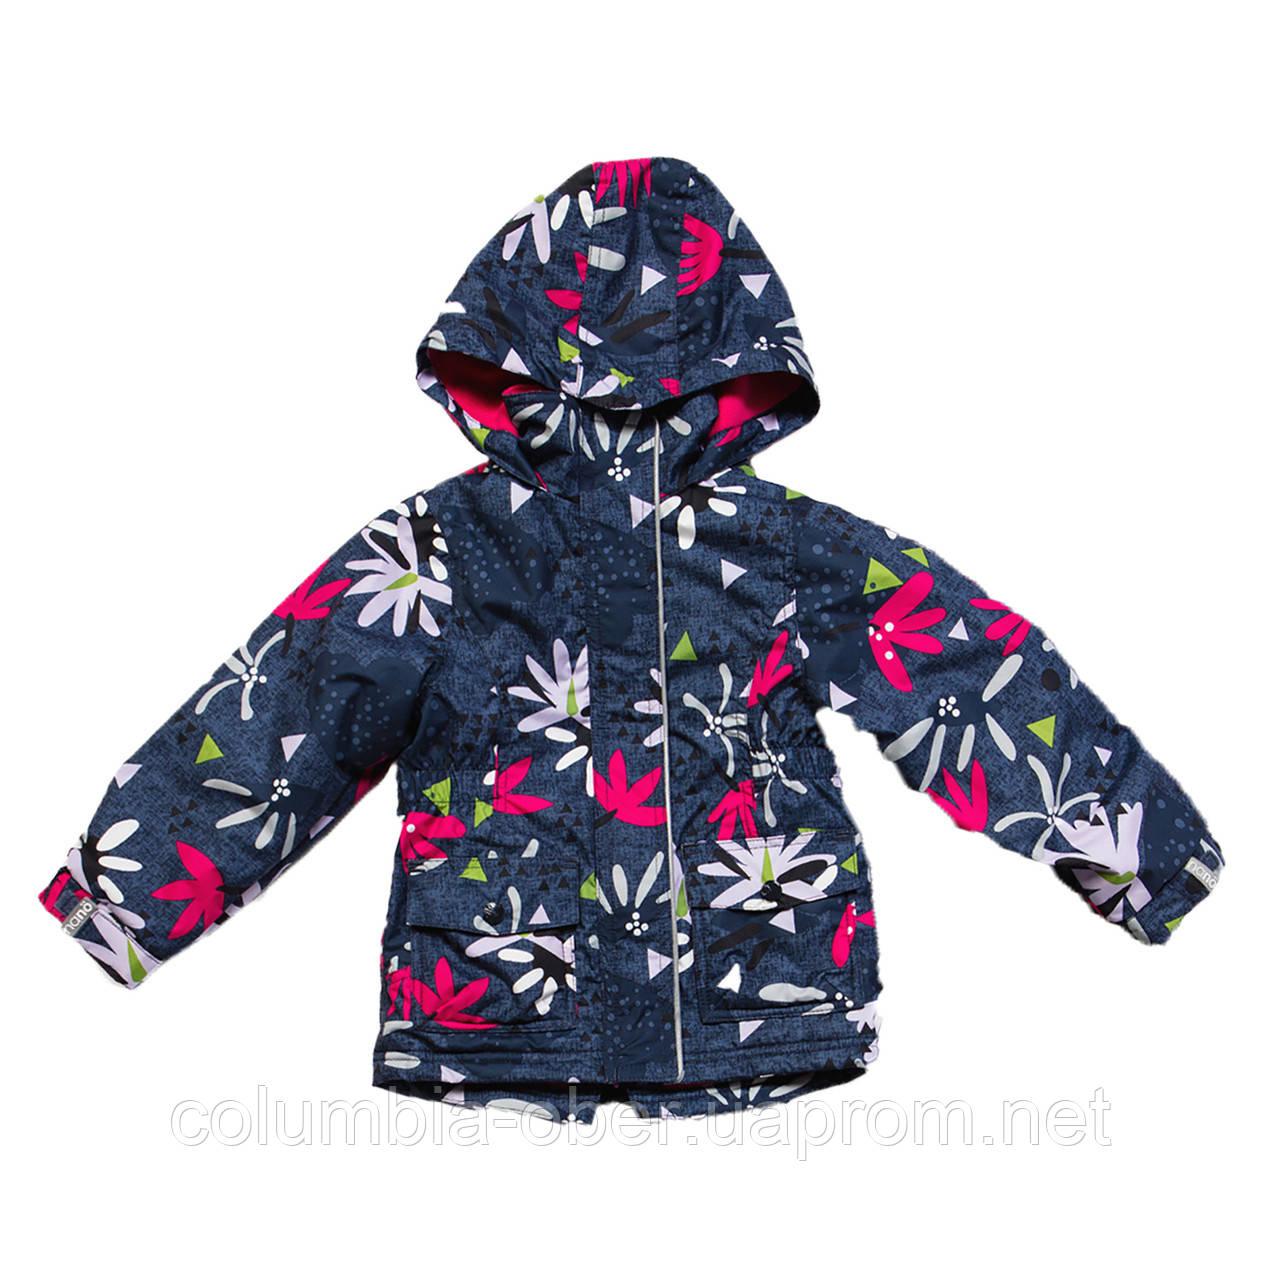 Демисезонная куртка-ветровка для девочки Nano S17J256 Flower. Размеры 12 мес - 10 лет.